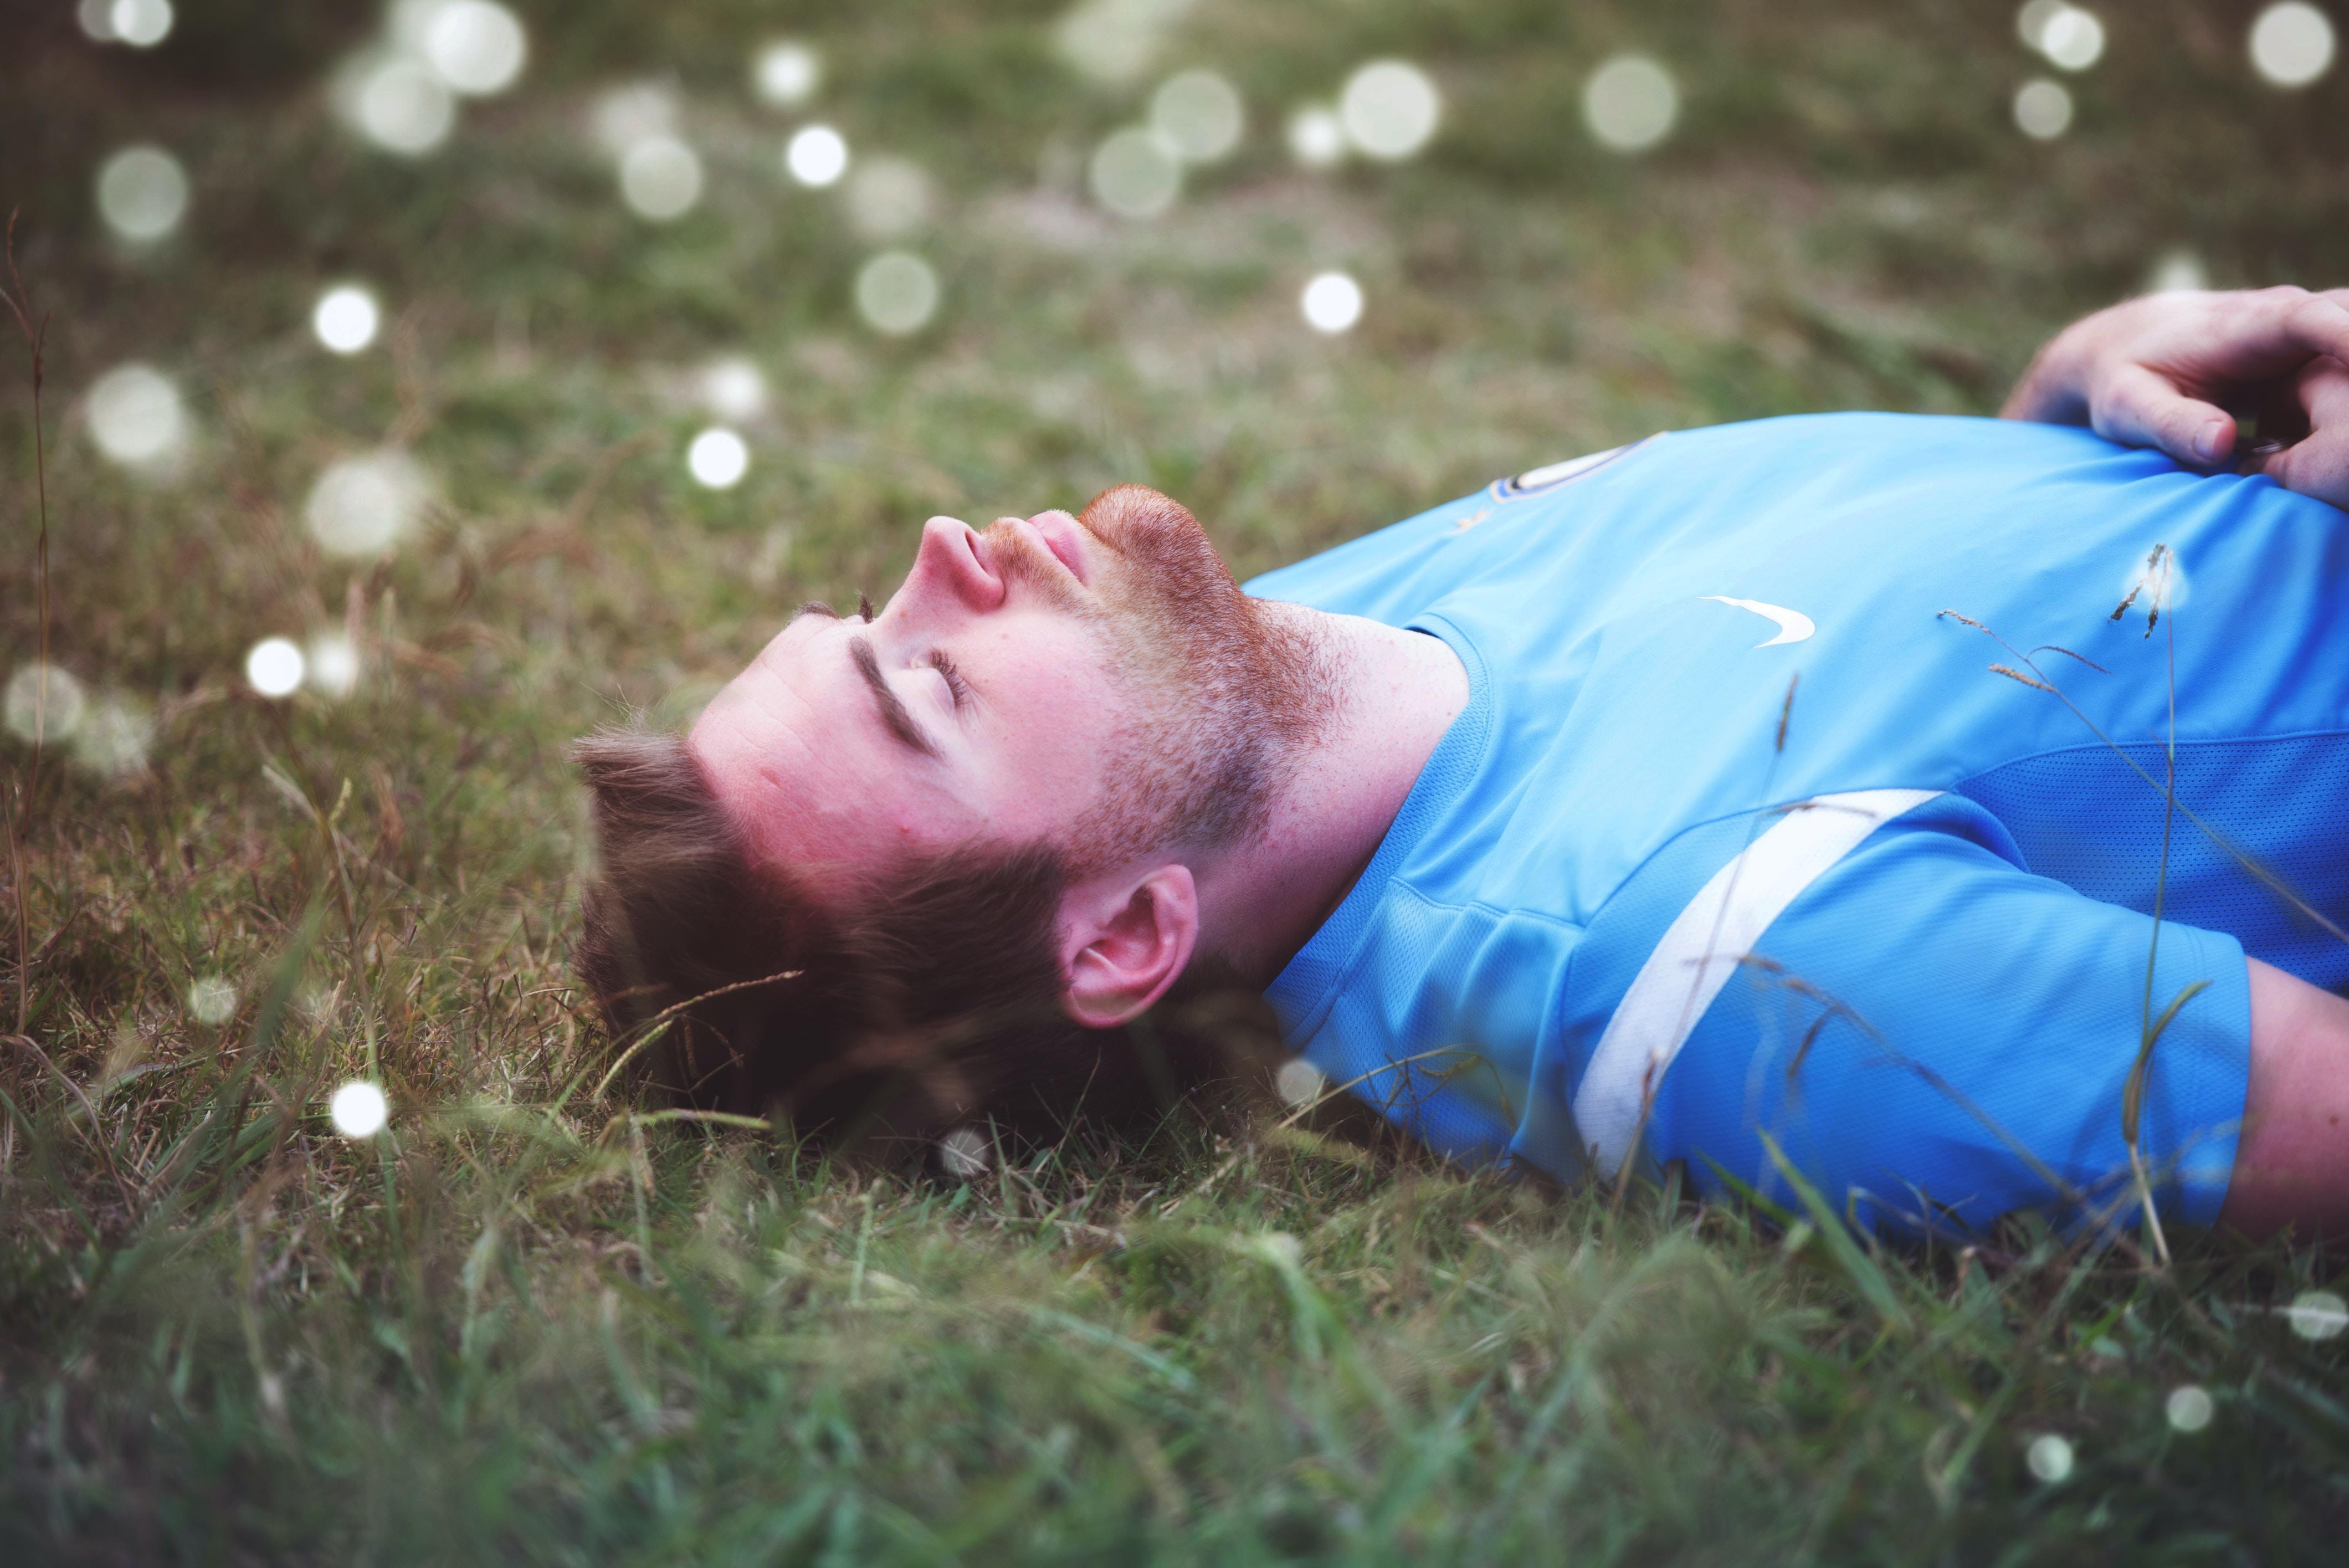 man lying down on grass